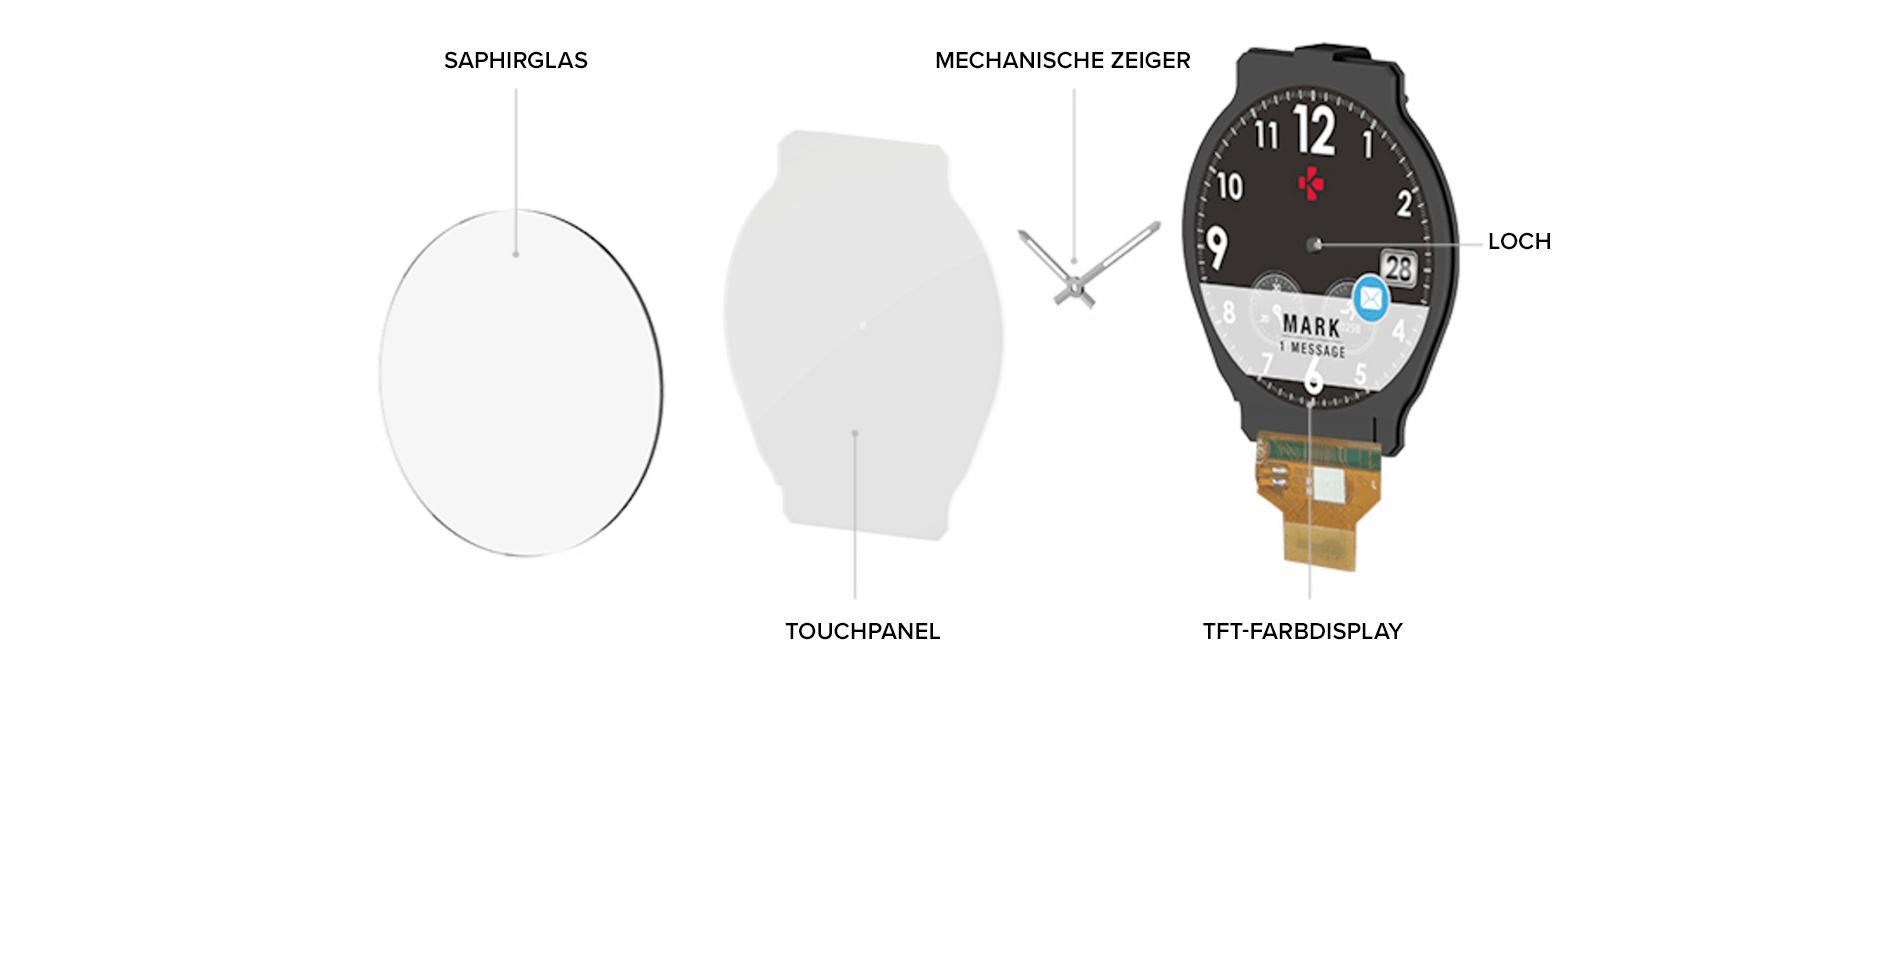 Multi-Layer-Technologie kombiniert ein TFT-Farbdisplay, mechanische Hände, ein Touch-Panel und ultra-resistenten Saphirglas